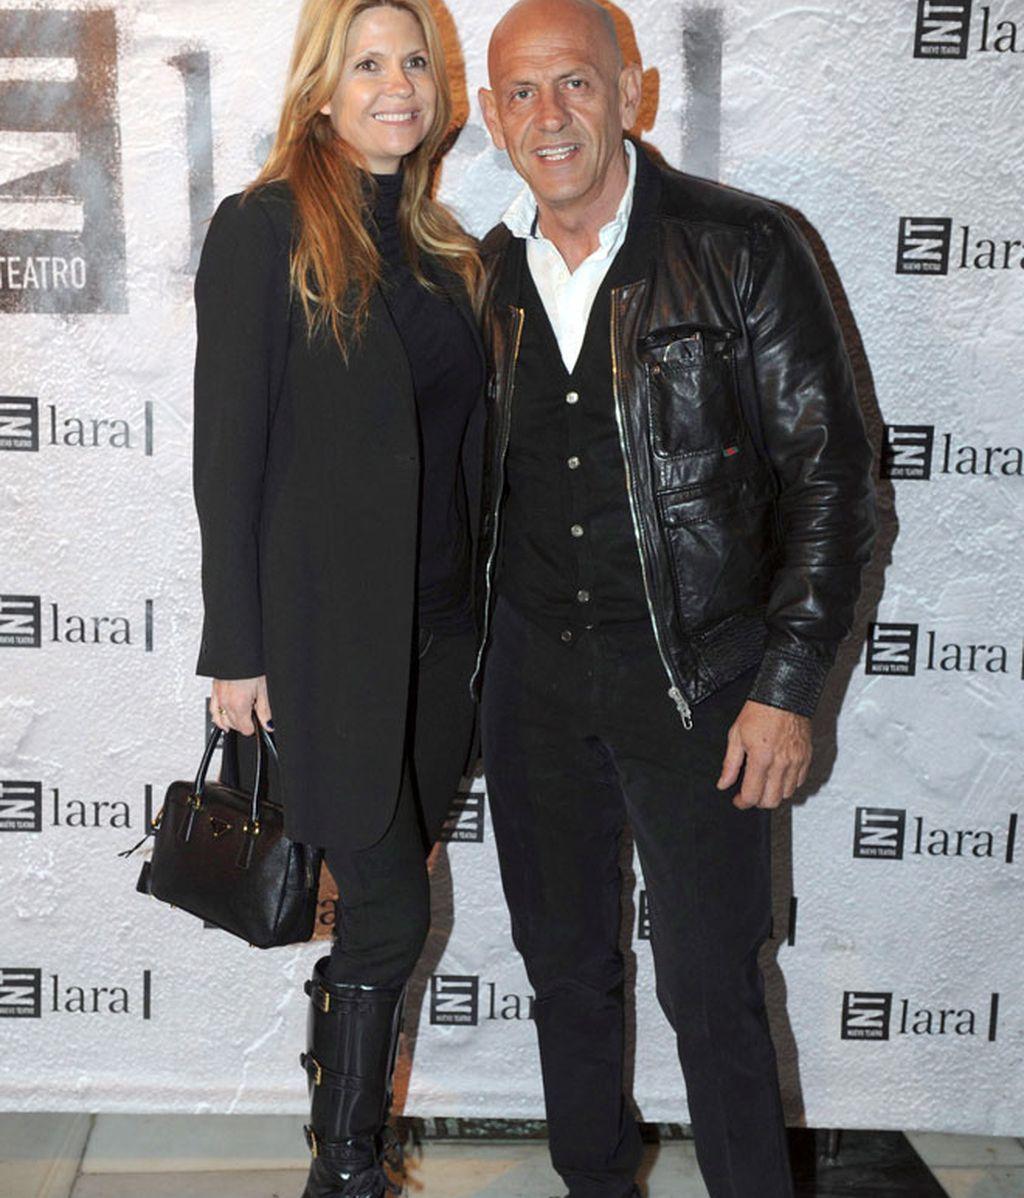 Santi Millán y Marta Torné, arropados en la presentación de 'Más allá del puente'